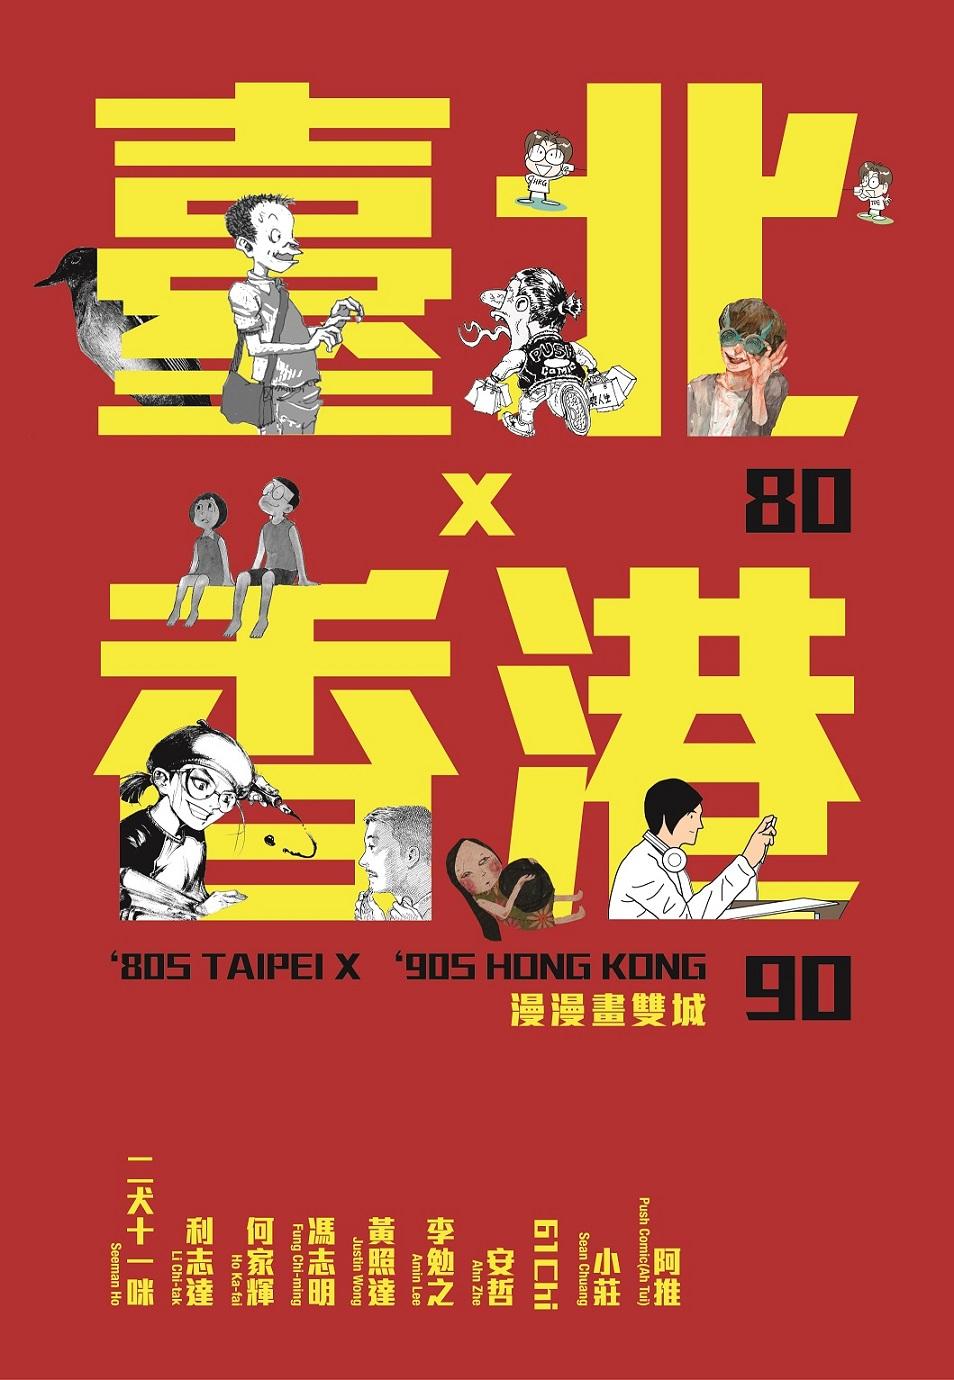 臺北80 x 香港90